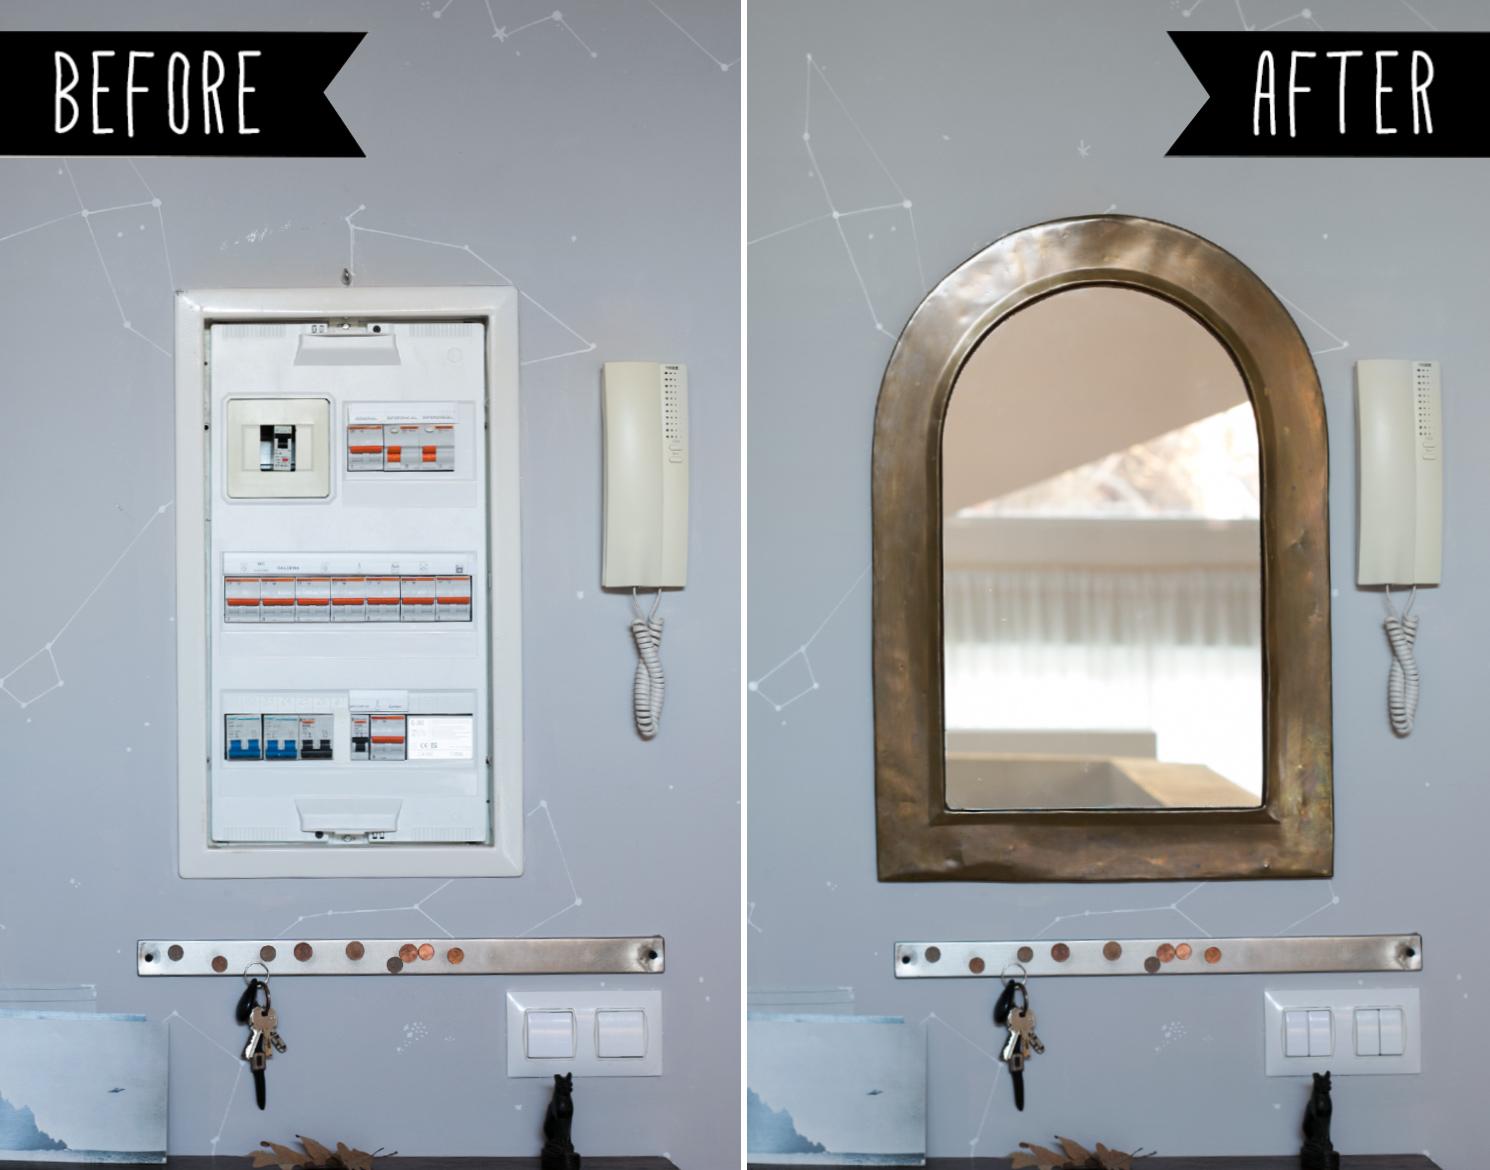 before after, Tapar el cuadro de la luz con un espejo